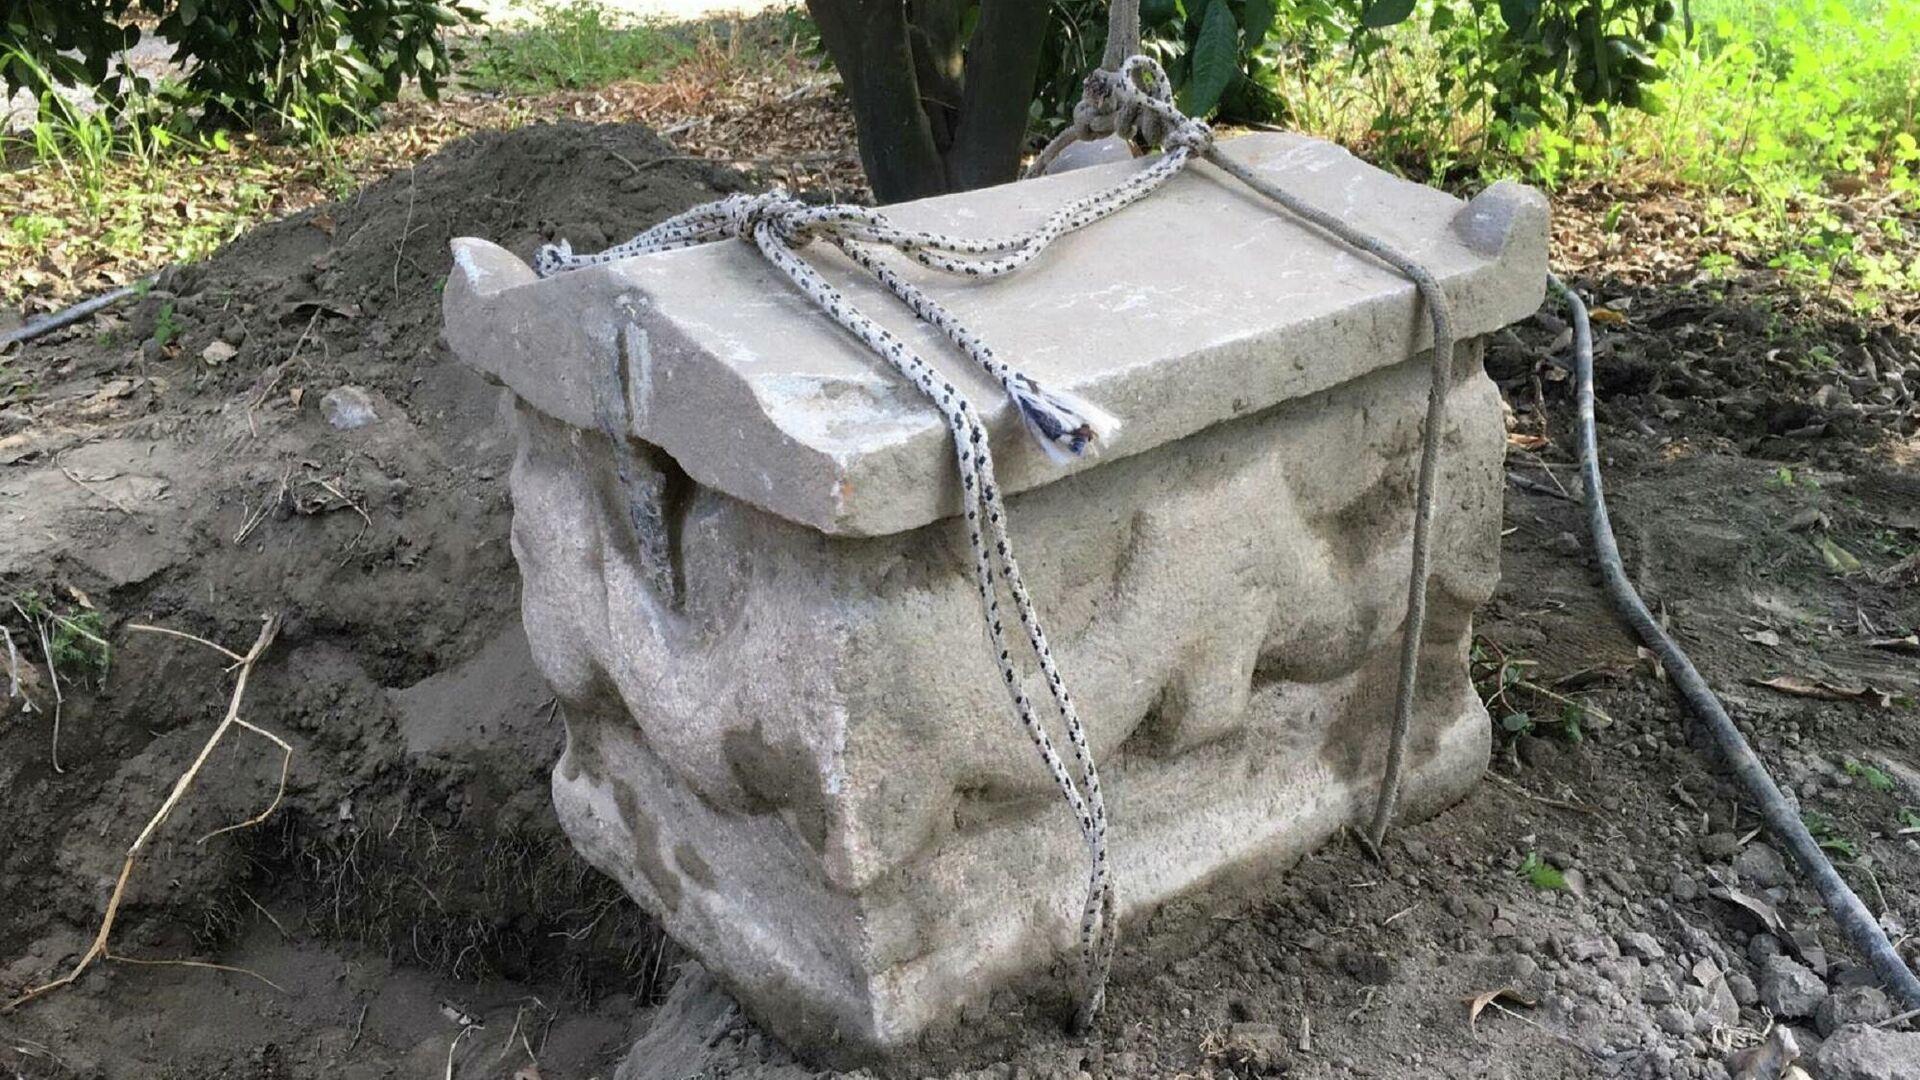 İzmir'in Selçuk ilçesinde, jandarma ekiplerince yapılan operasyonda, M.Ö. 3. yüzyıldan Roma dönemine ait ostotek lahit ele geçirildi. - Sputnik Türkiye, 1920, 16.09.2021